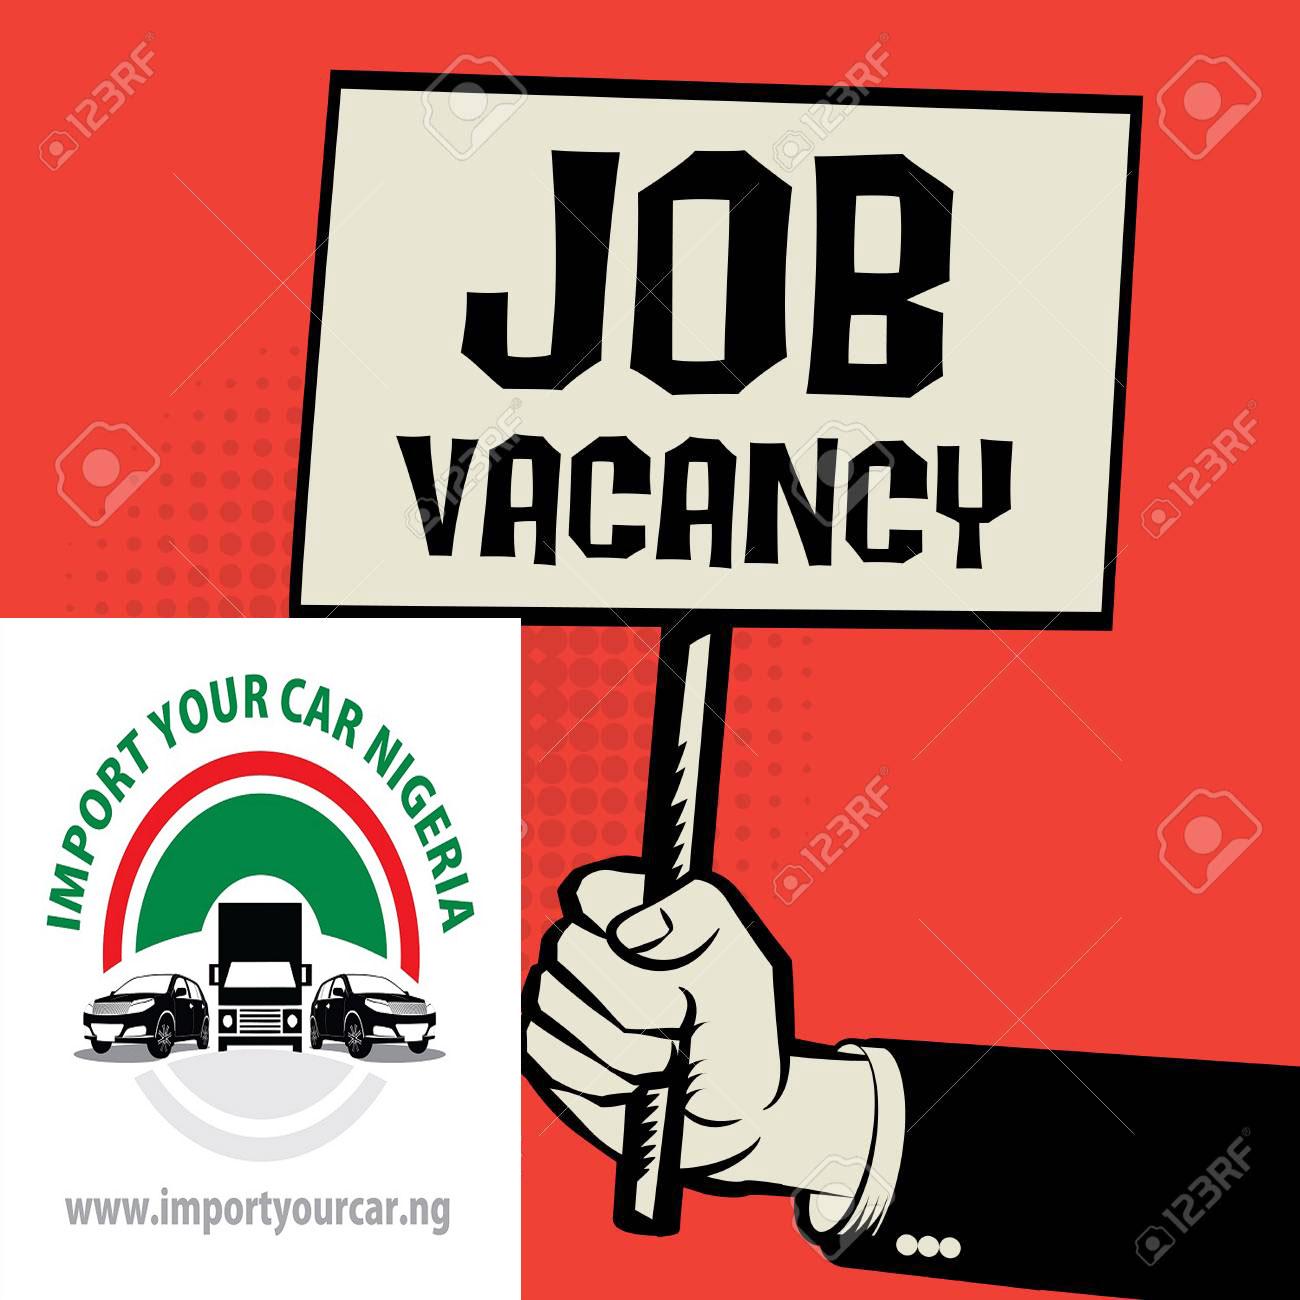 Import Your Car Job Vacancy